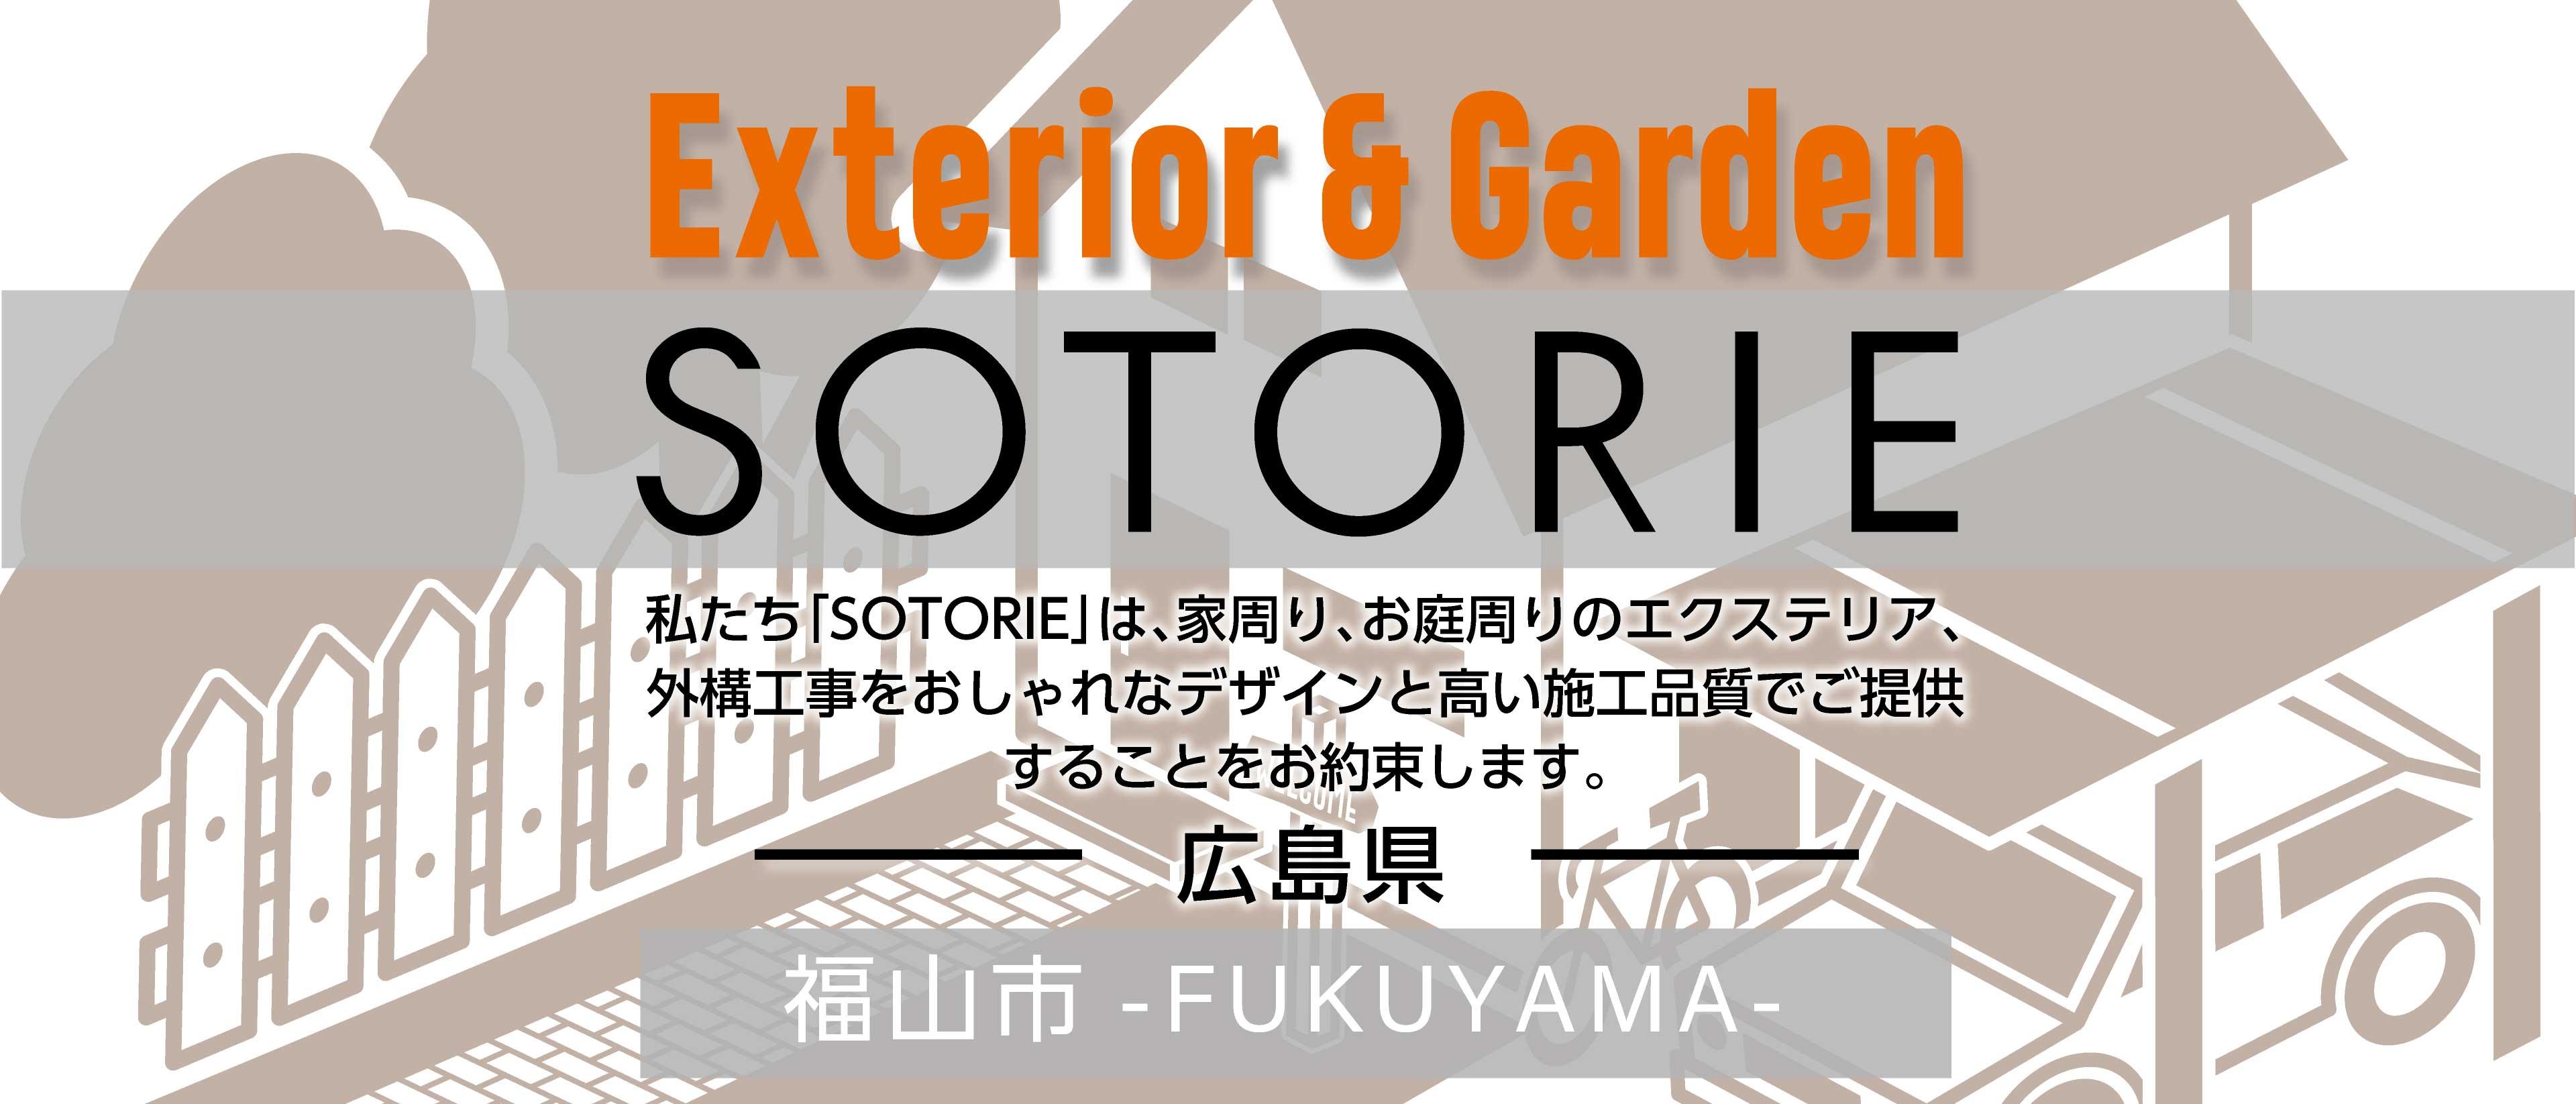 ソトリエ福山市では、家周りと庭周りの外構、エクステリア工事をおしゃれなデザインと高い施工品質でご提供することをお約束します。